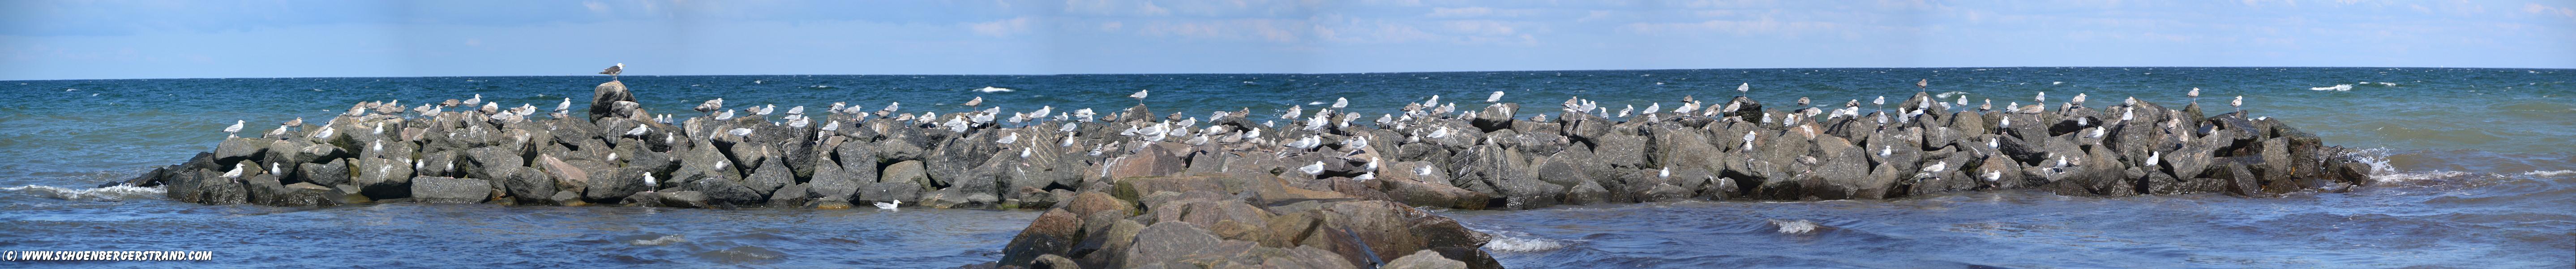 Möwen auf der Mole am Schönberger Strand